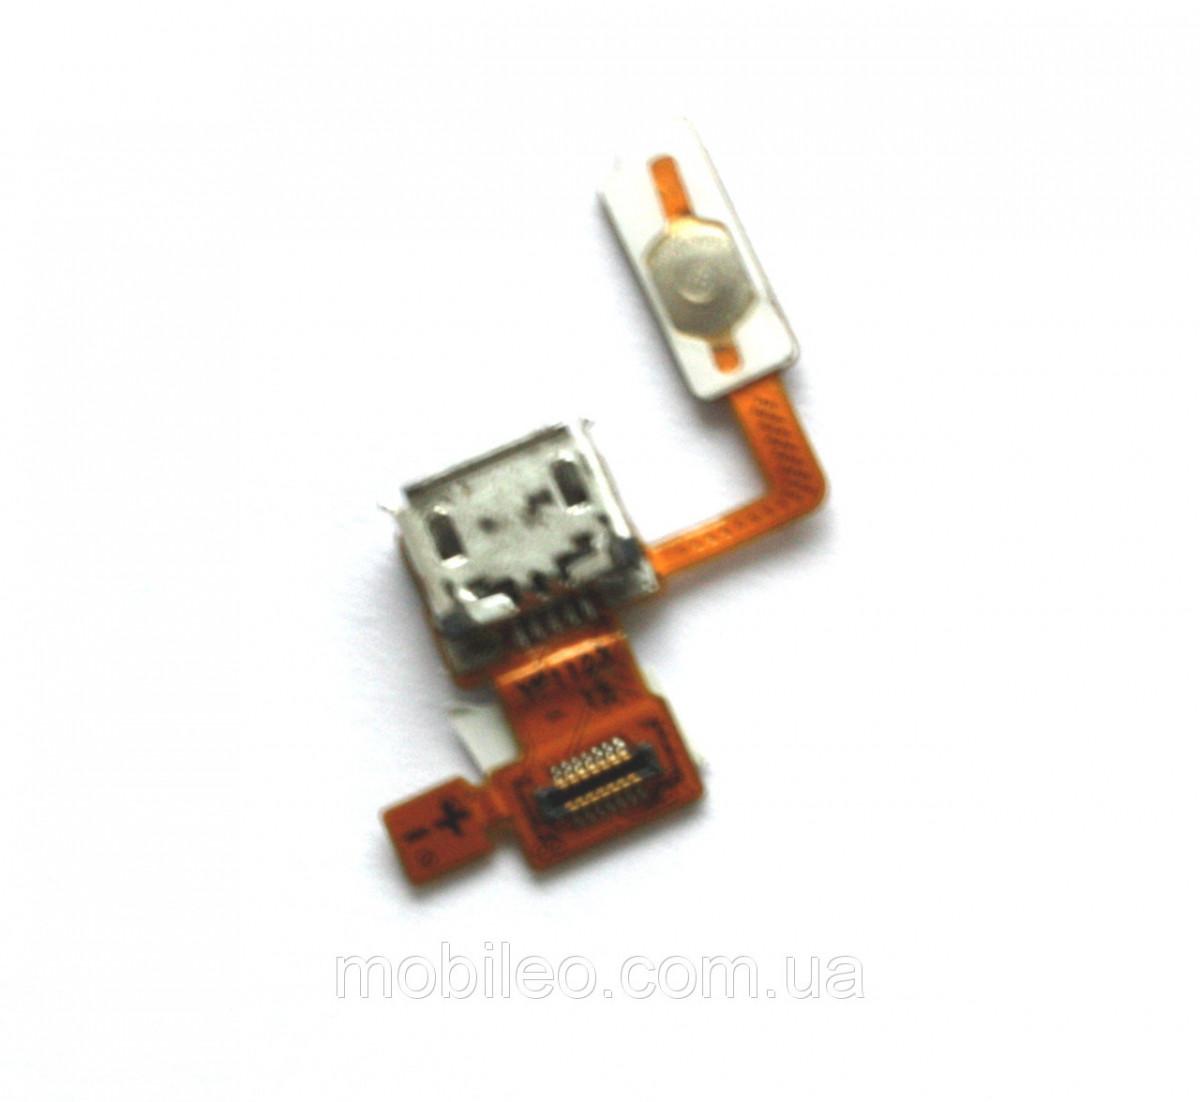 Плата зарядки для LG P970 Optimus с разъемом зарядки, микрофоном и компонентами